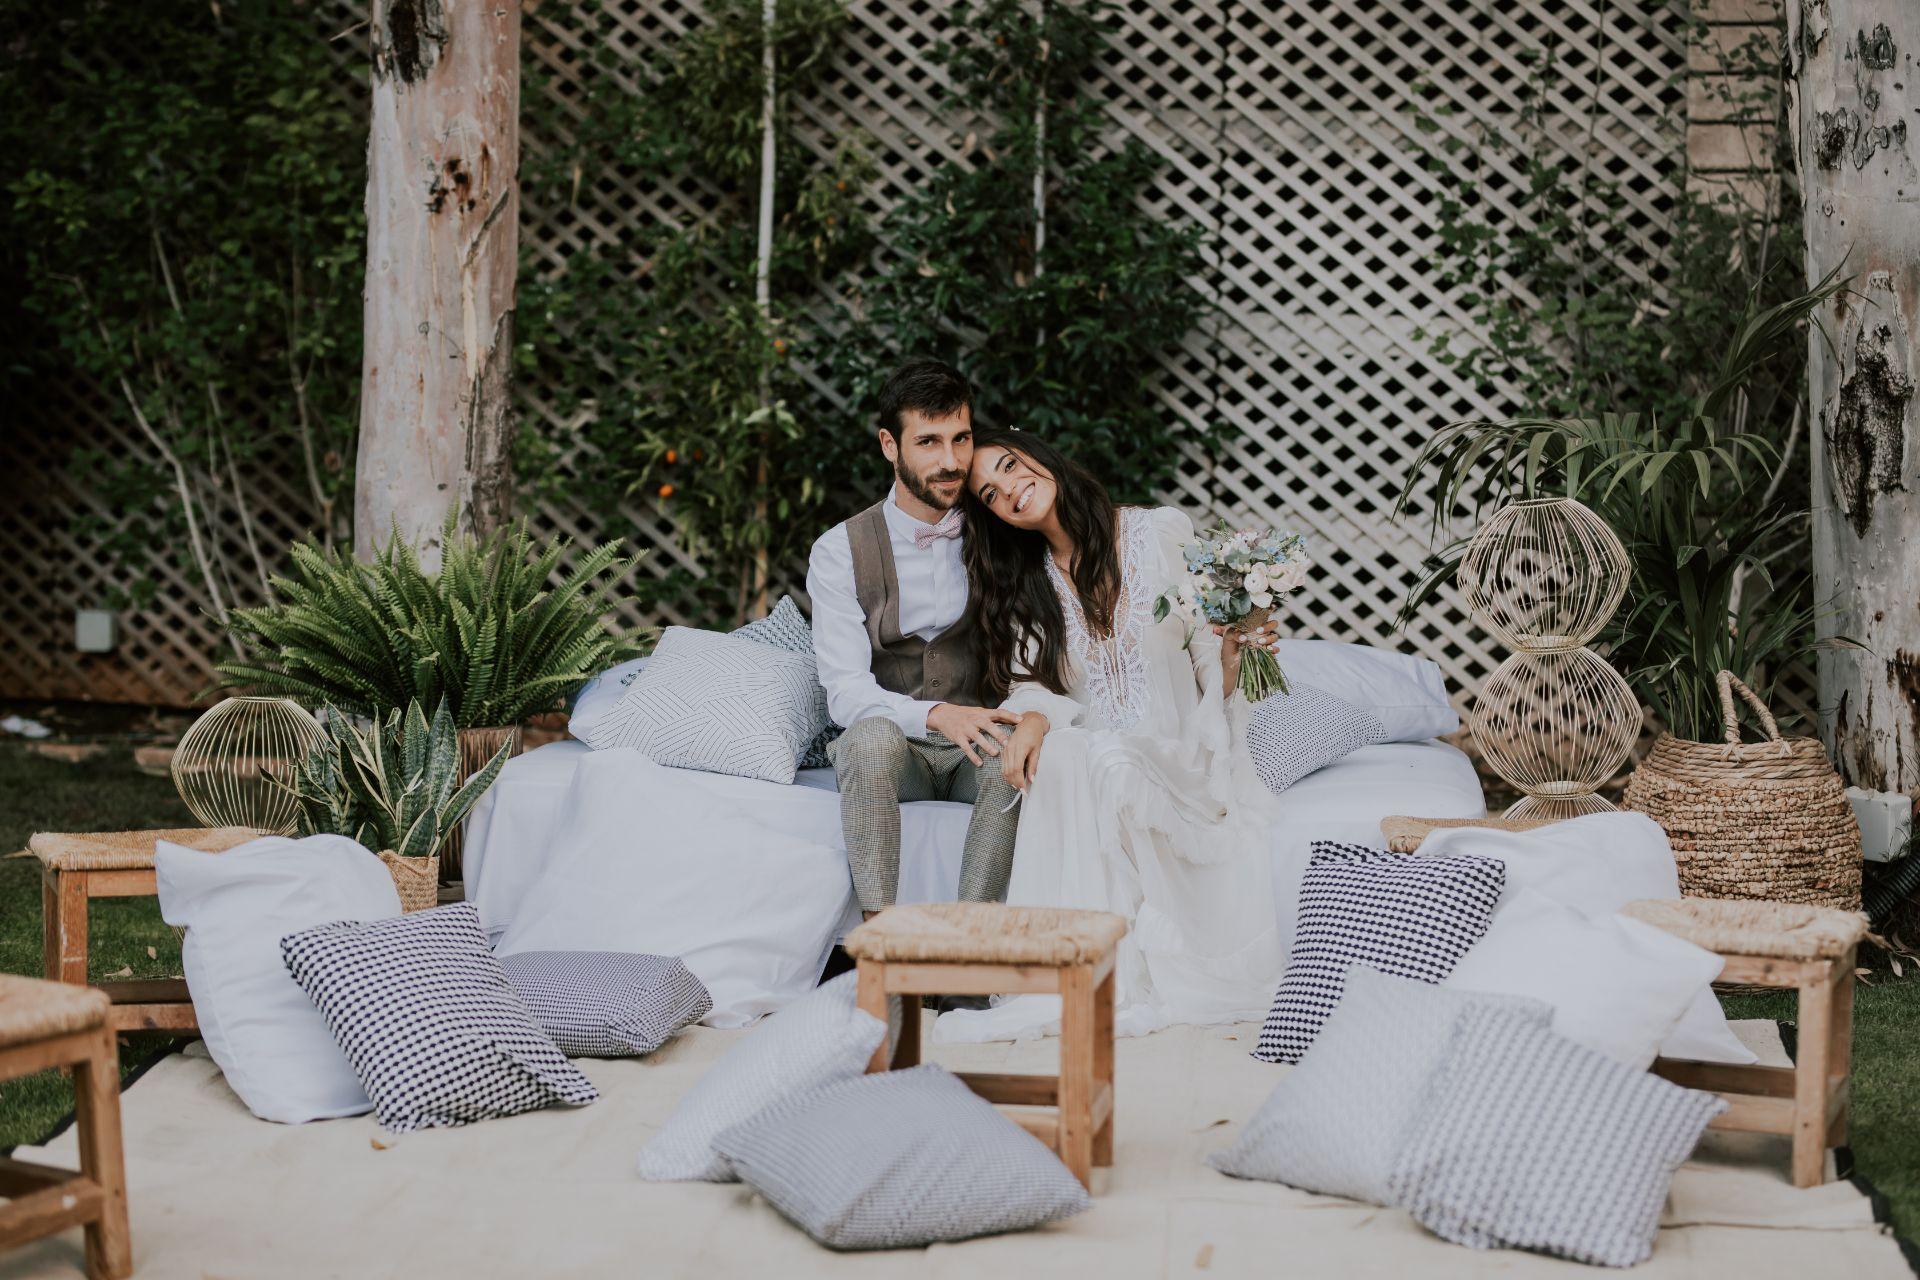 וואו פקטור: כך תפתיעו את האורחים בחתונה בלי לשבור את הכיס